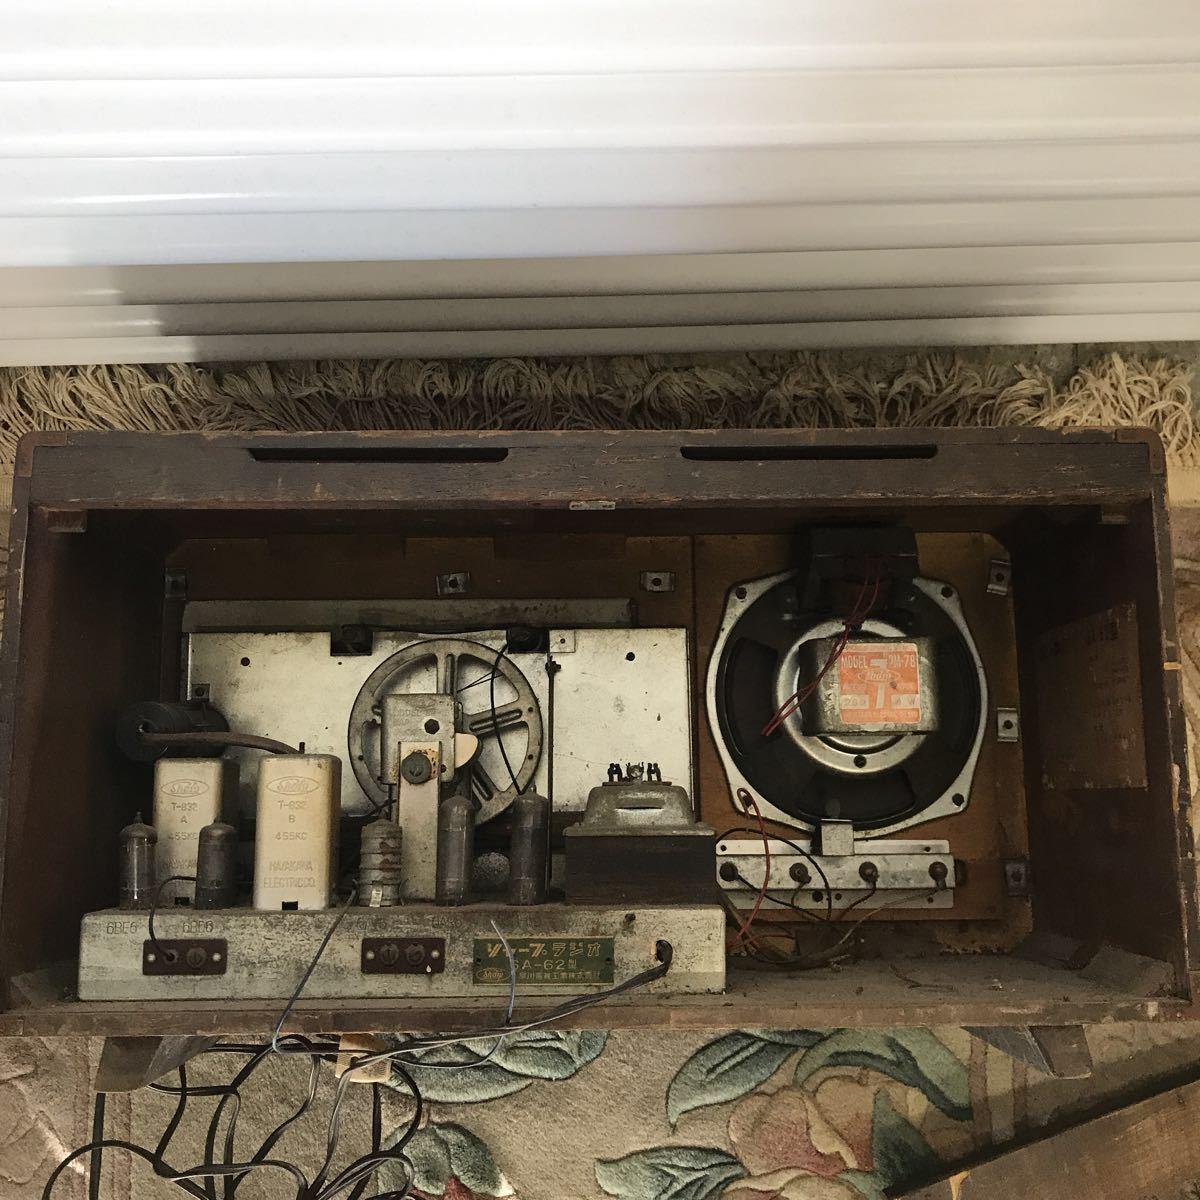 シャープ SHARP 真空管ラジオ ラジオ 6A-62型 昭和レトロ インテリア ジャンク品_画像4